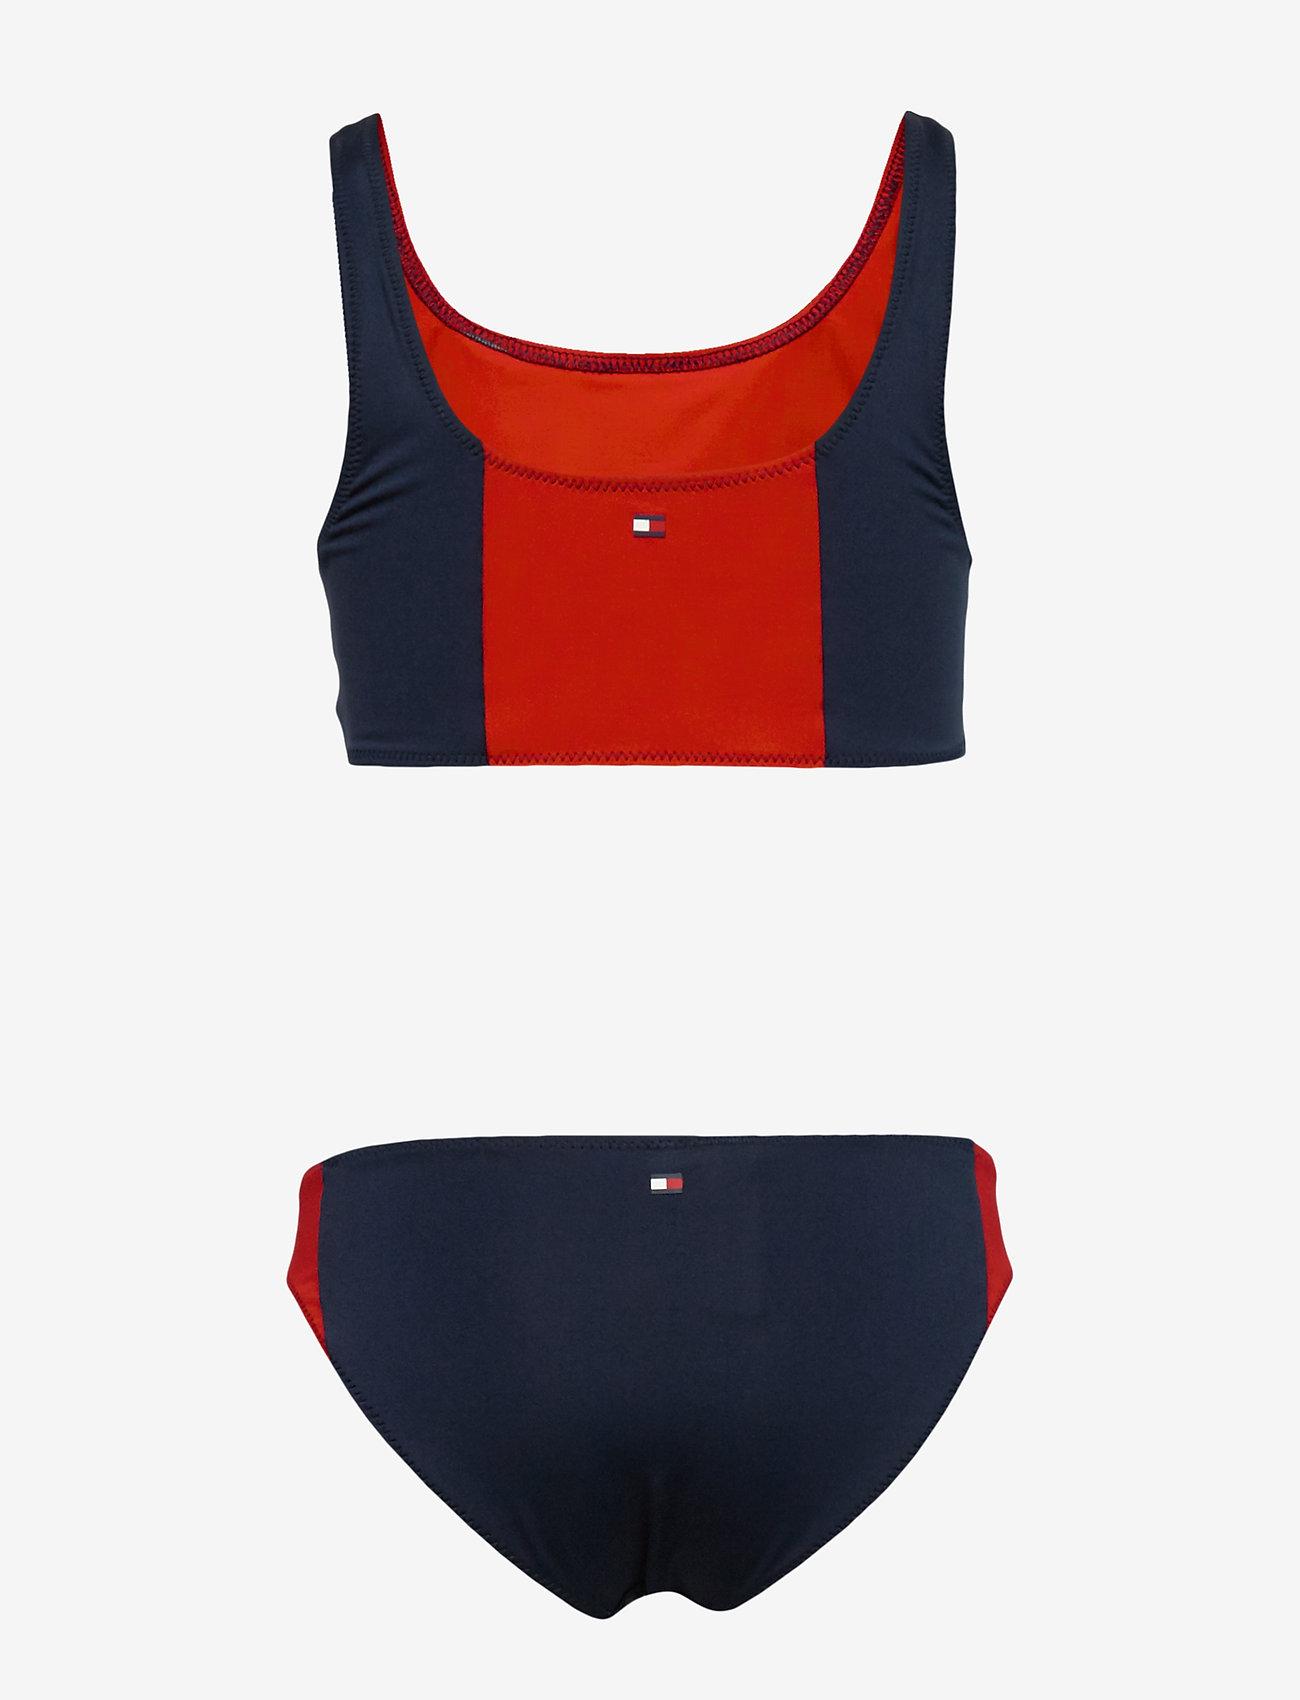 Tommy Hilfiger - BRALETTE SET - underwear sets - red glare 105-670 - 1